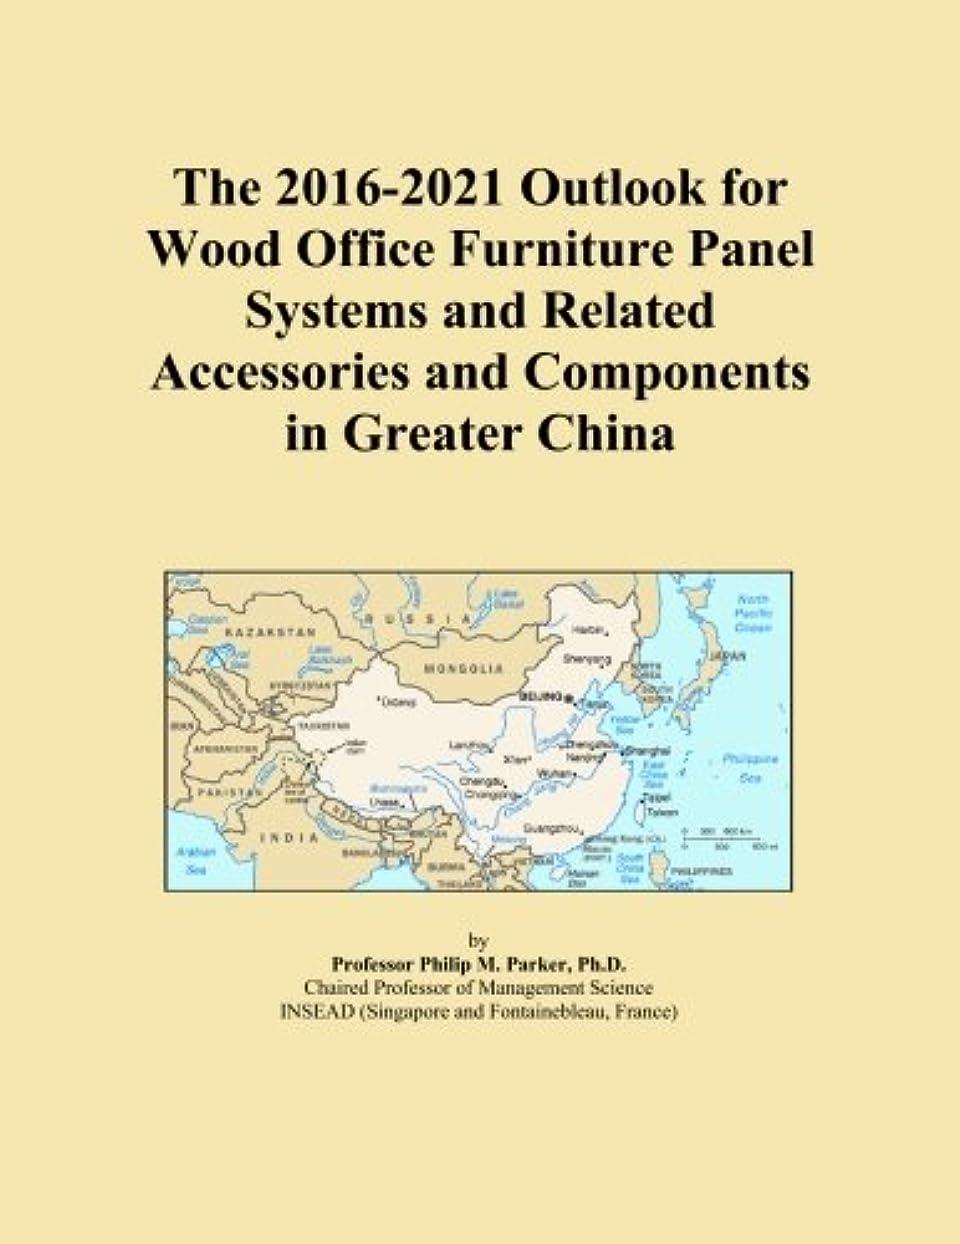 見つけるなしで羊The 2016-2021 Outlook for Wood Office Furniture Panel Systems and Related Accessories and Components in Greater China